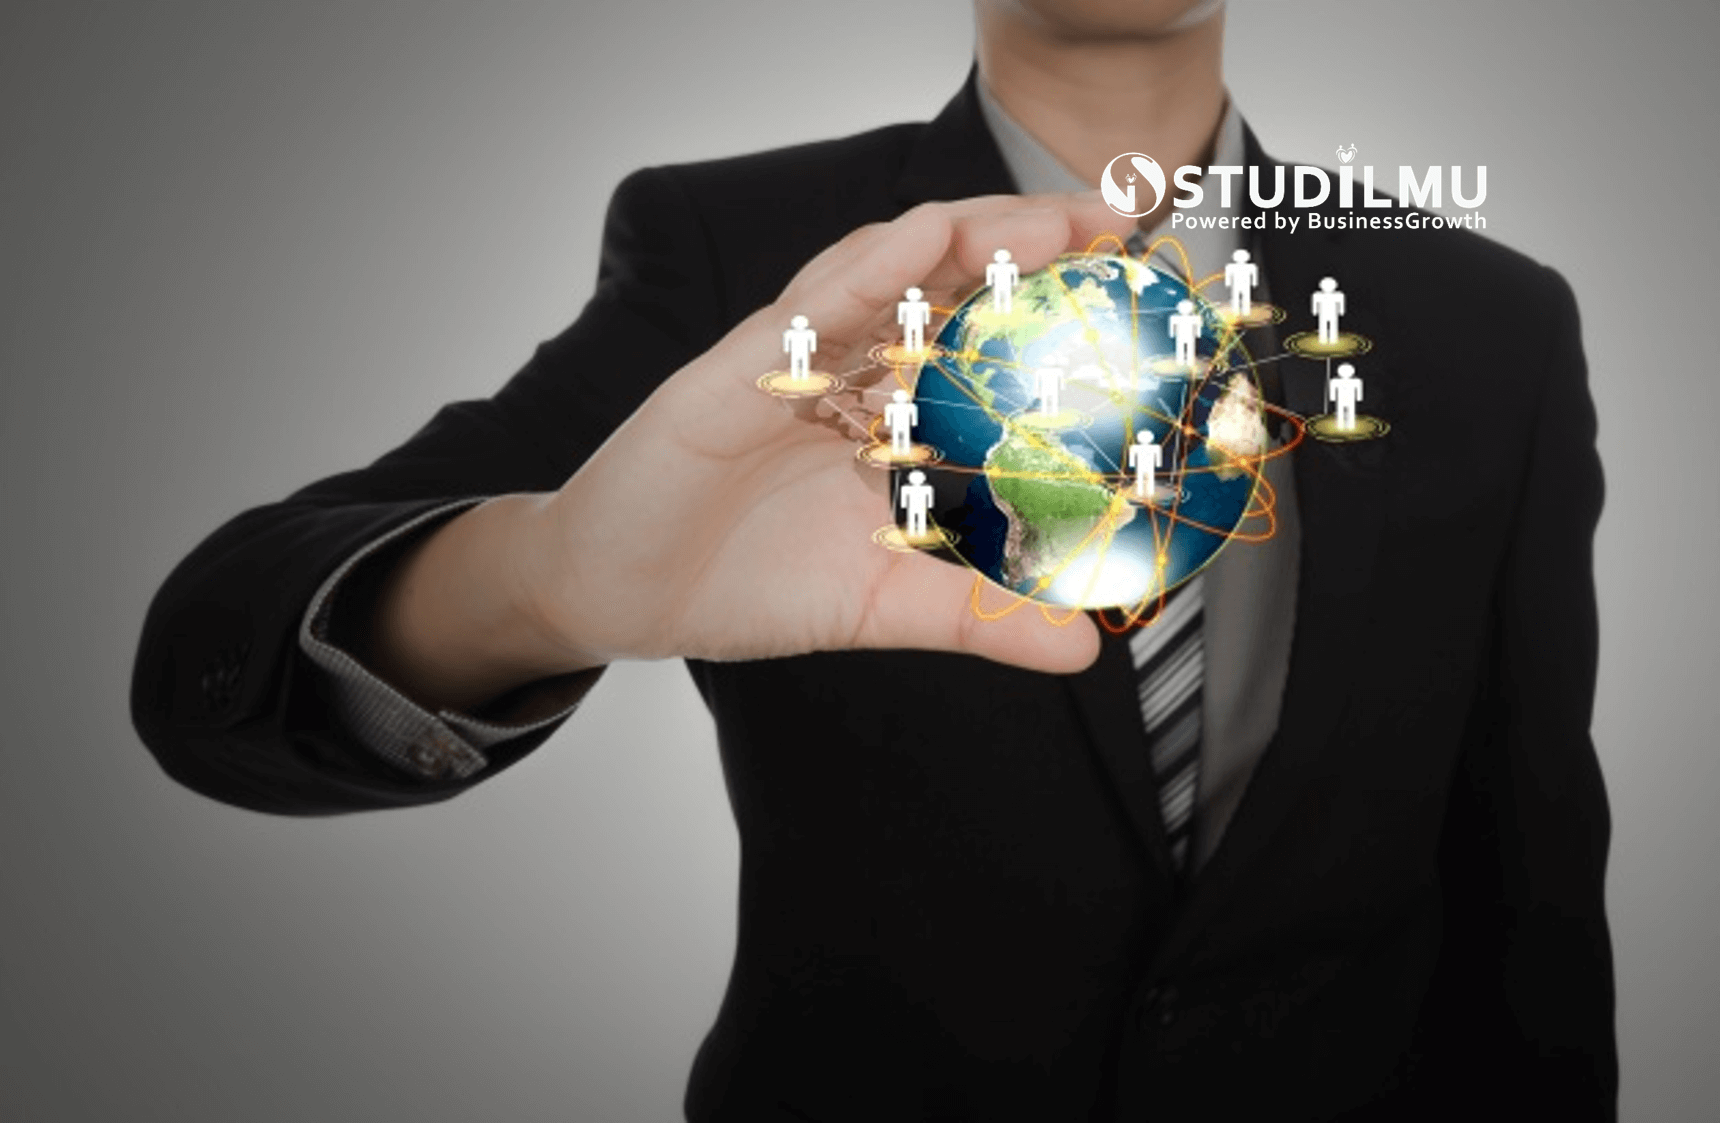 STUDILMU Career Advice - 10 Fakta Rasa Bahagia dari Seluruh Dunia